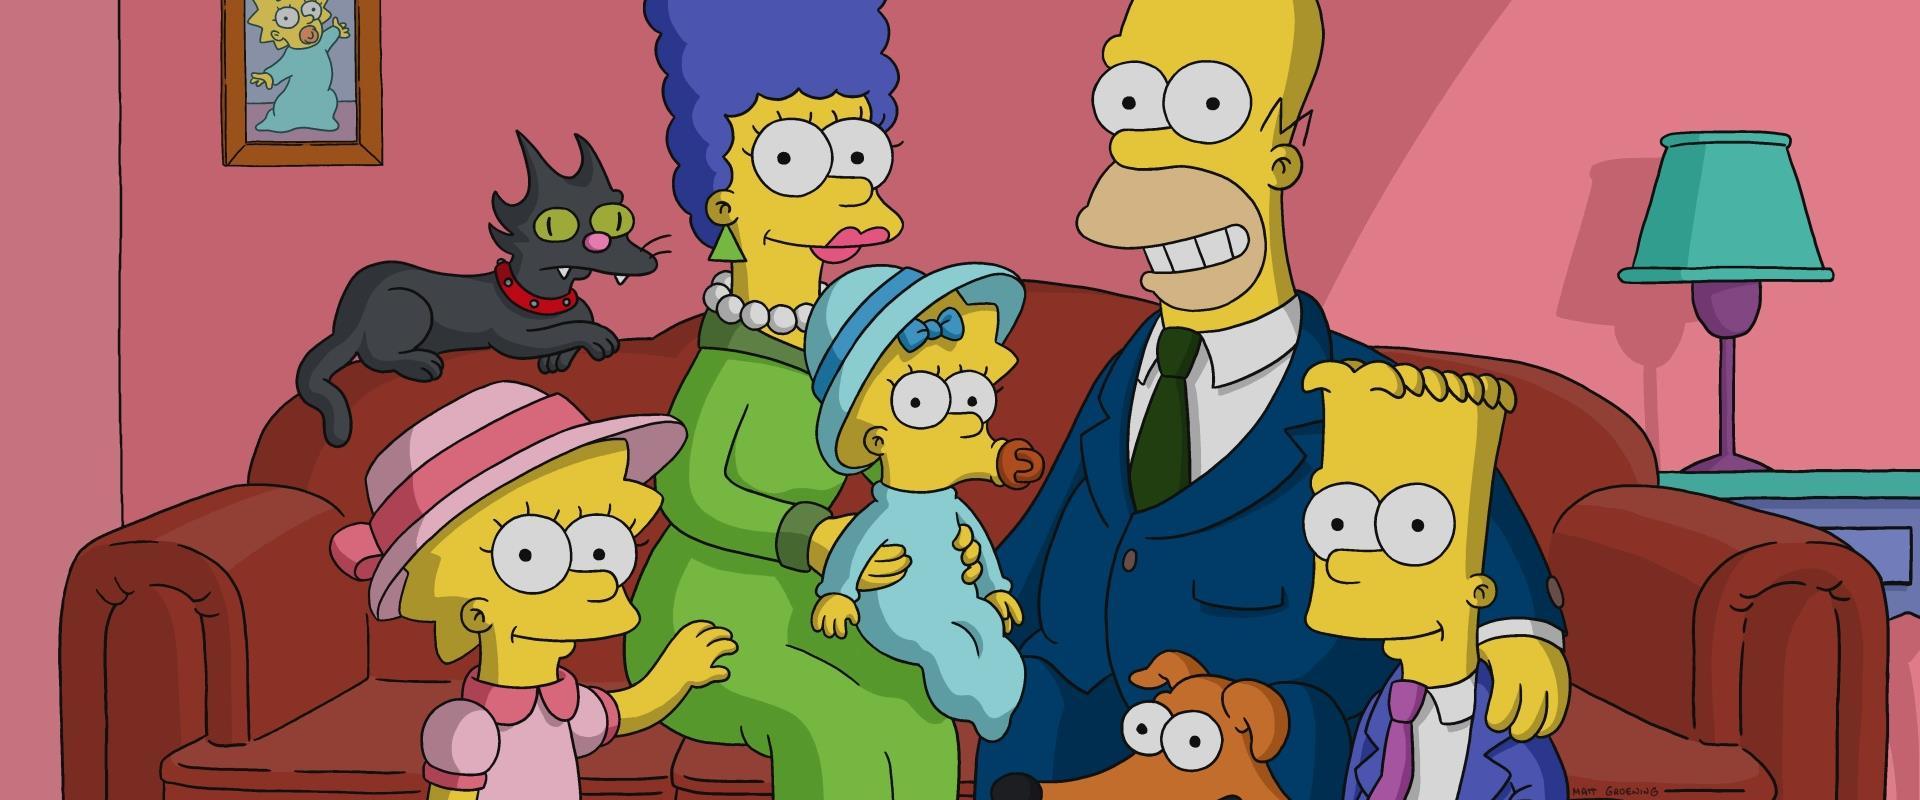 משפחת סימפסון, ארכיון